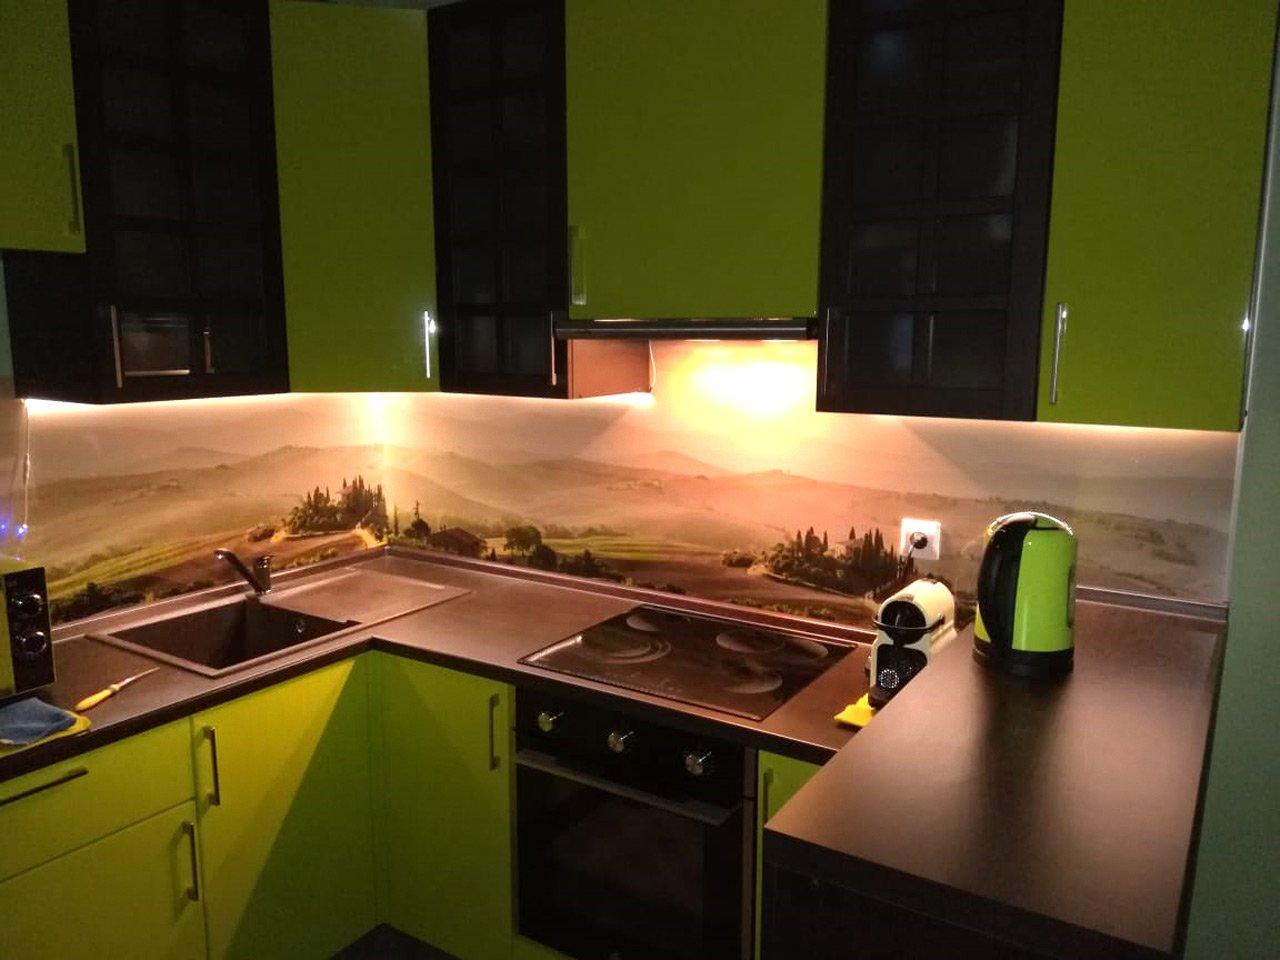 Подсветка угловой кухни с разрывом с сенсорным выключателем отзыв iqlux Алексей 20_04_20 фото